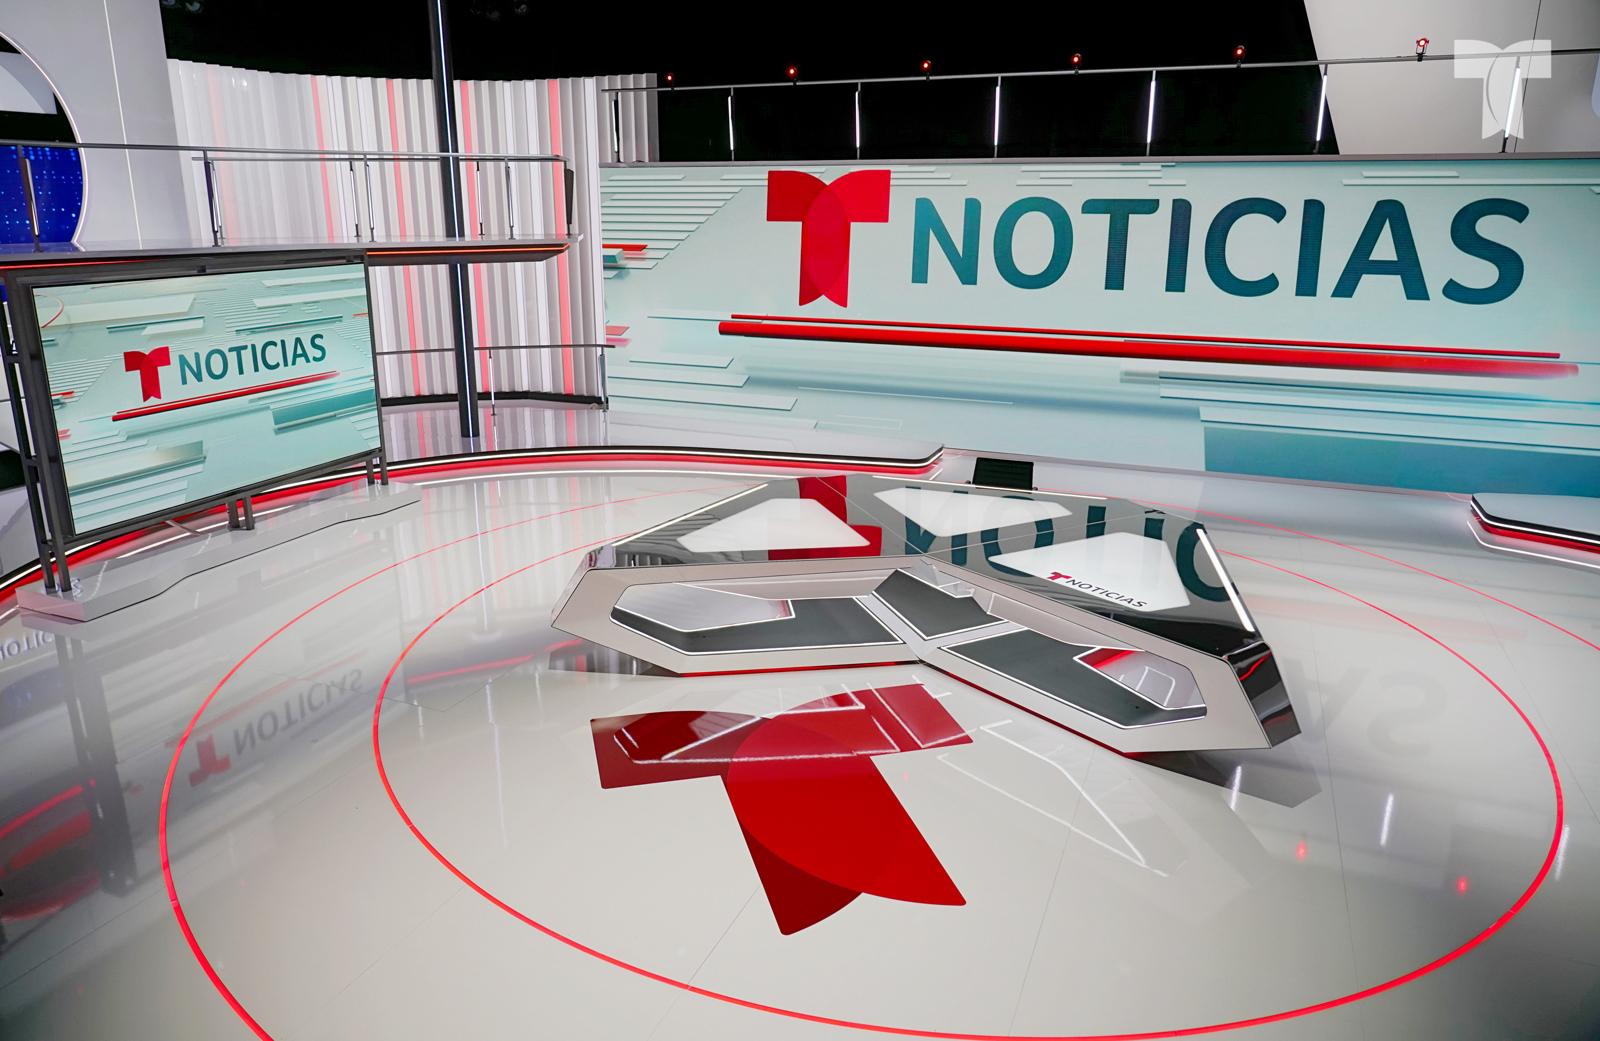 ncs_noticias-telemundo-estudio-miami_0003